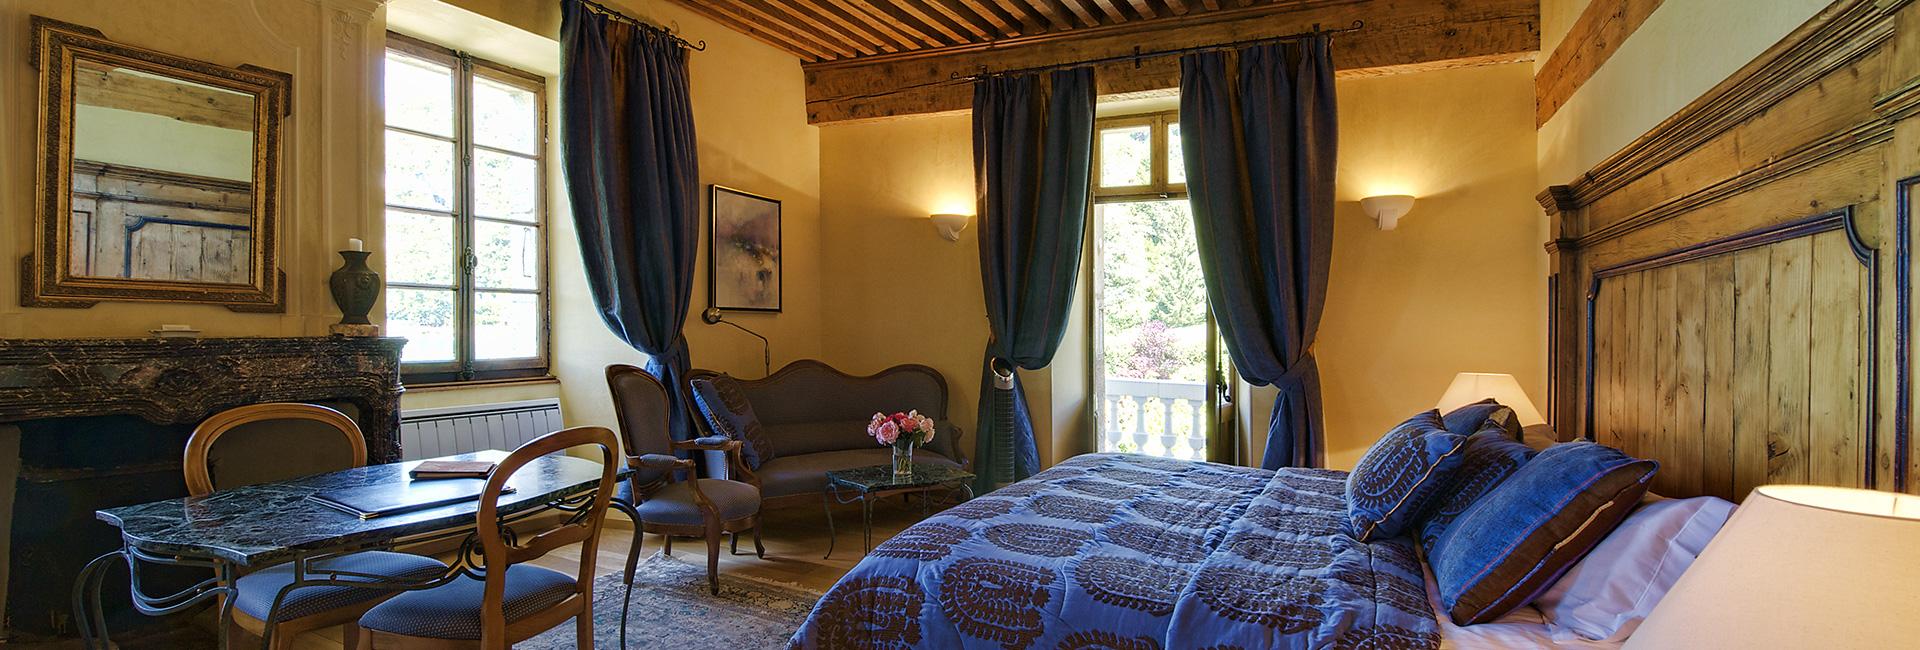 Chambres et suites de l'Abbaye de Talloires